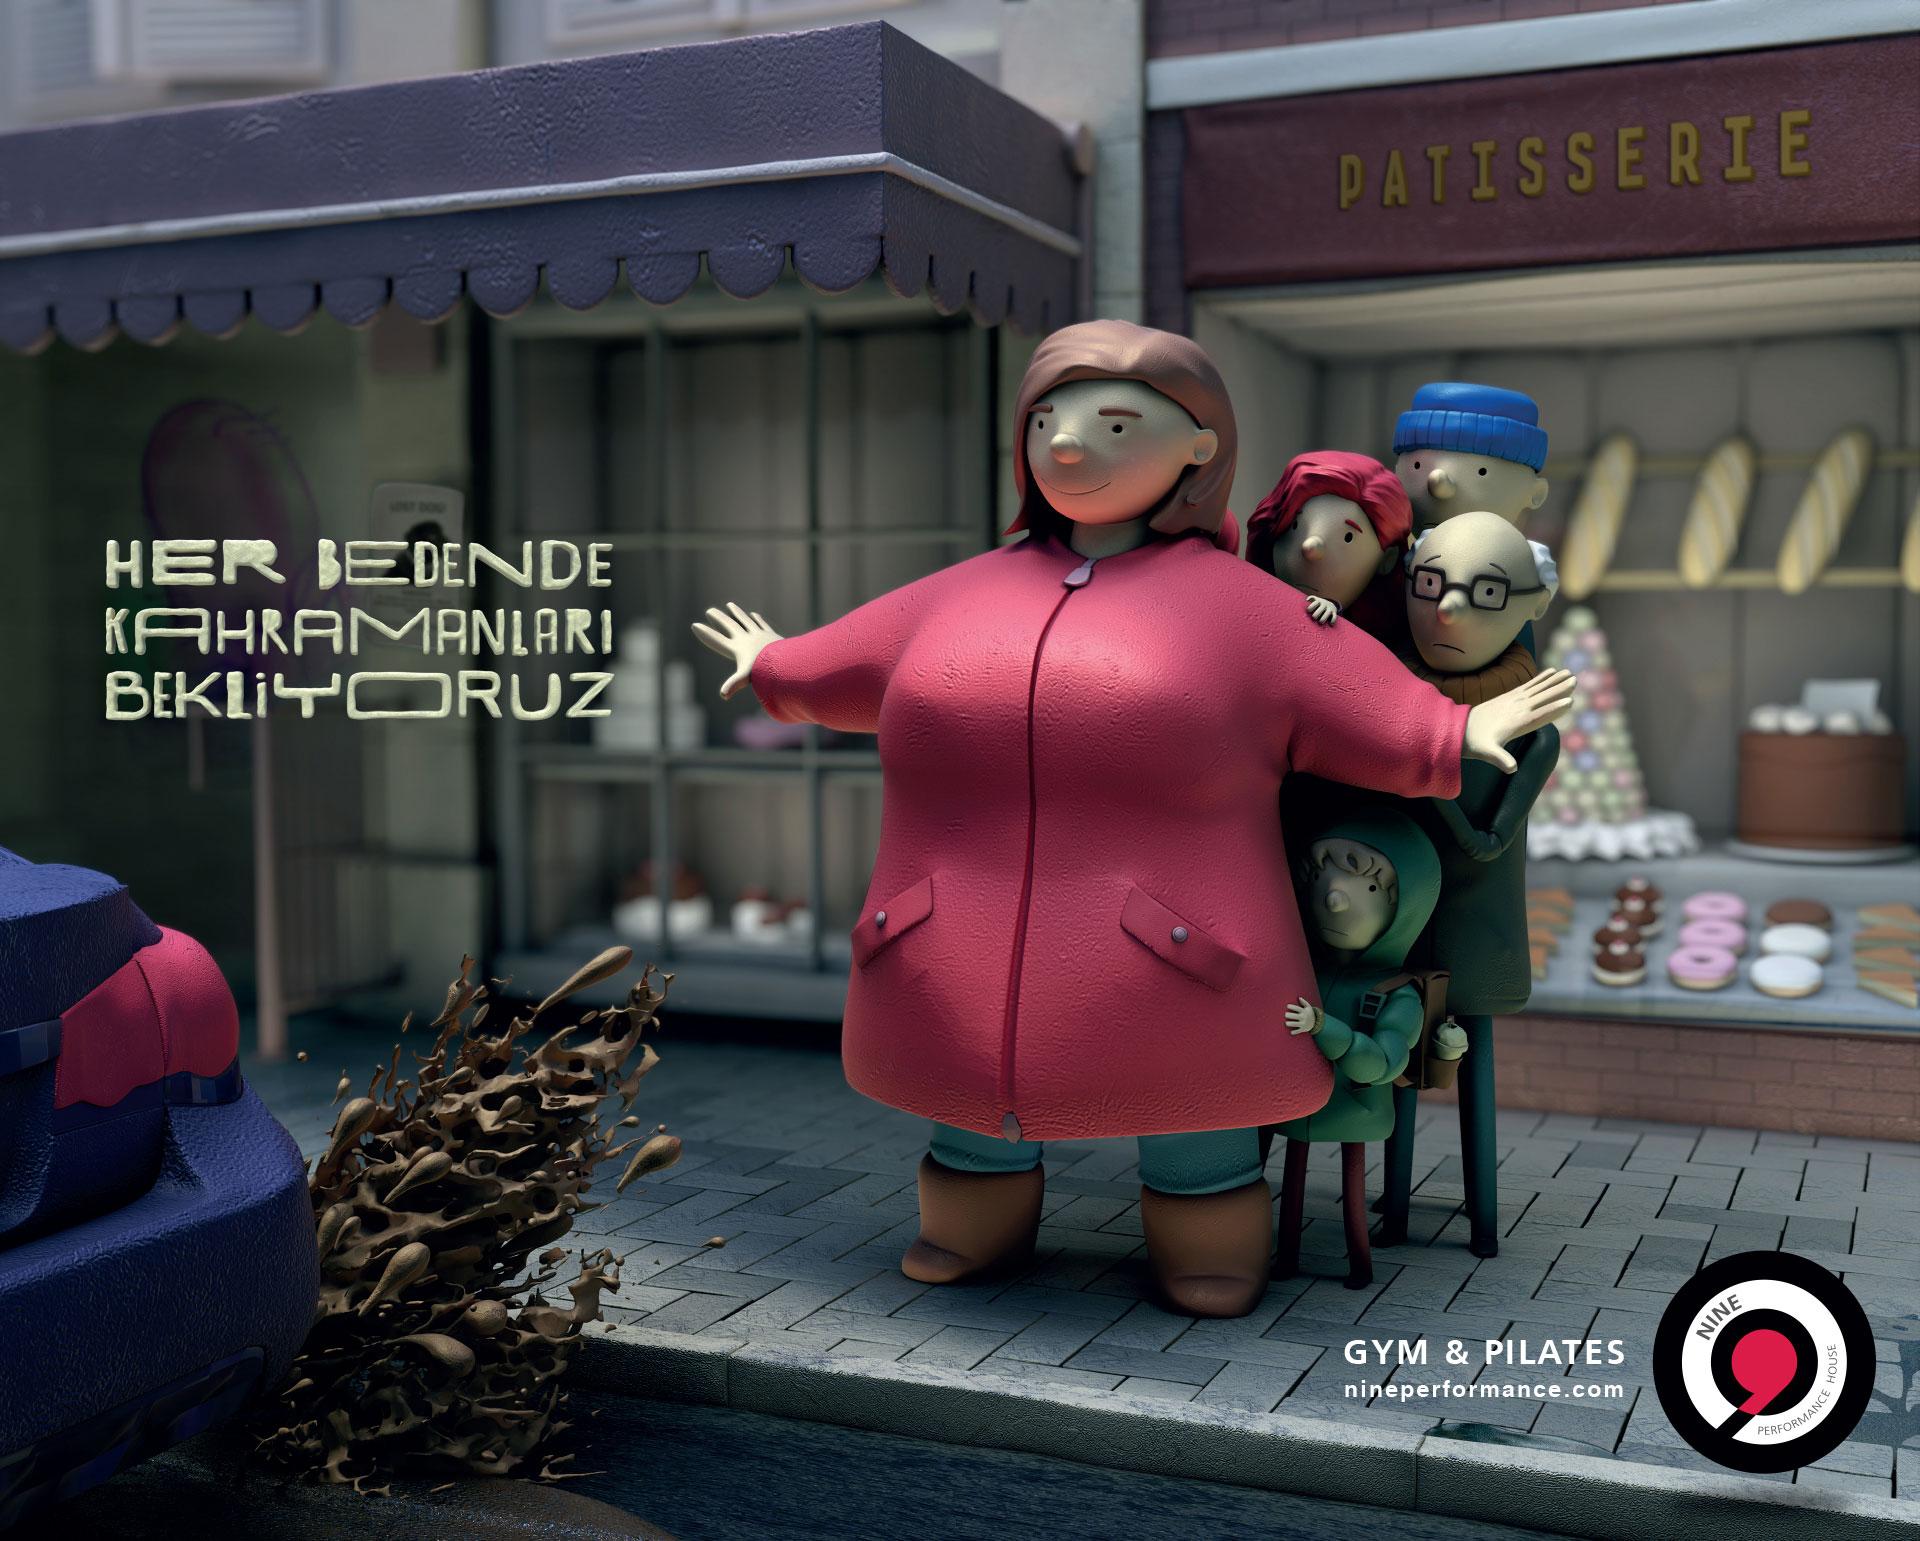 Her Bedende Kahramanları Bekliyoruz - Nine Performance_Türkiyenin_reklamları